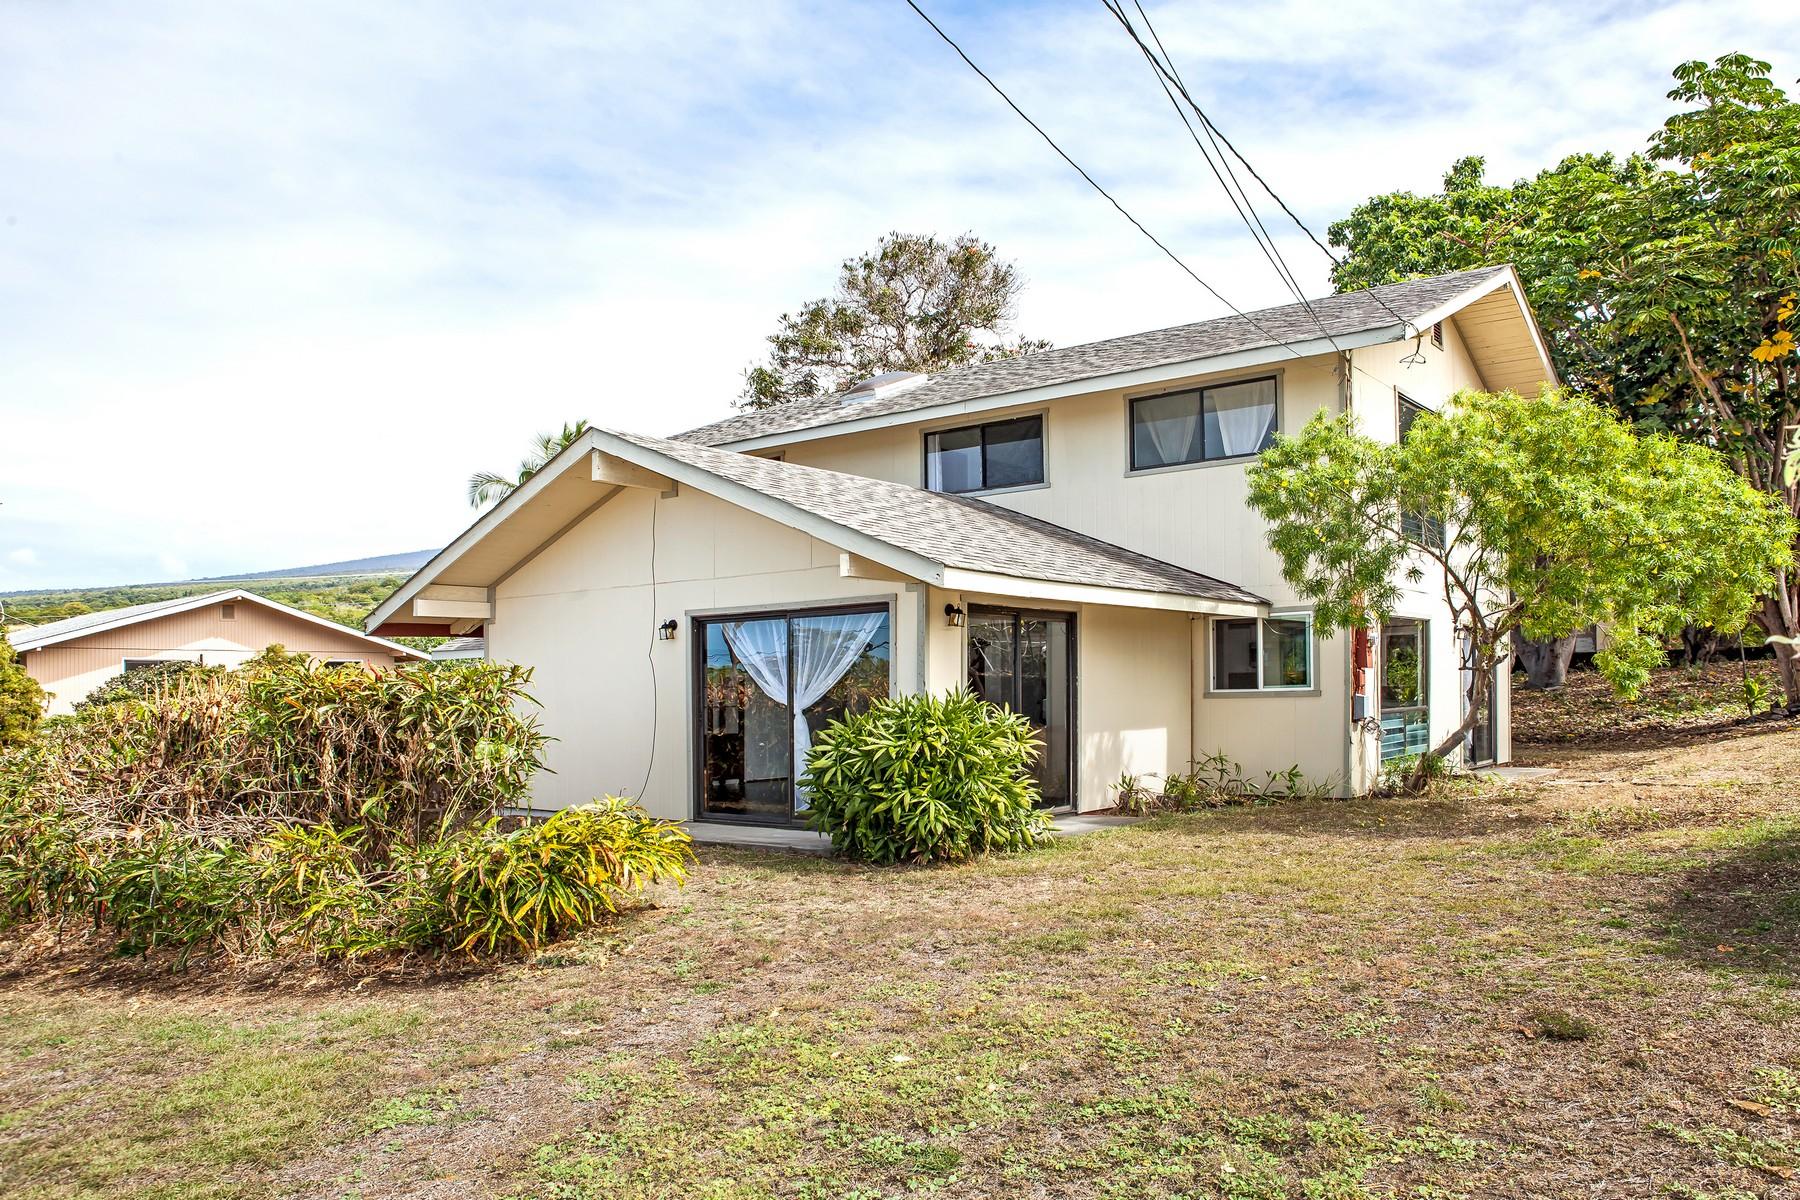 Single Family Home for Sale at Kailua View Estates Subdivision 75-5807 Nalukai Pl Kailua, Hawaii, 96740 United States